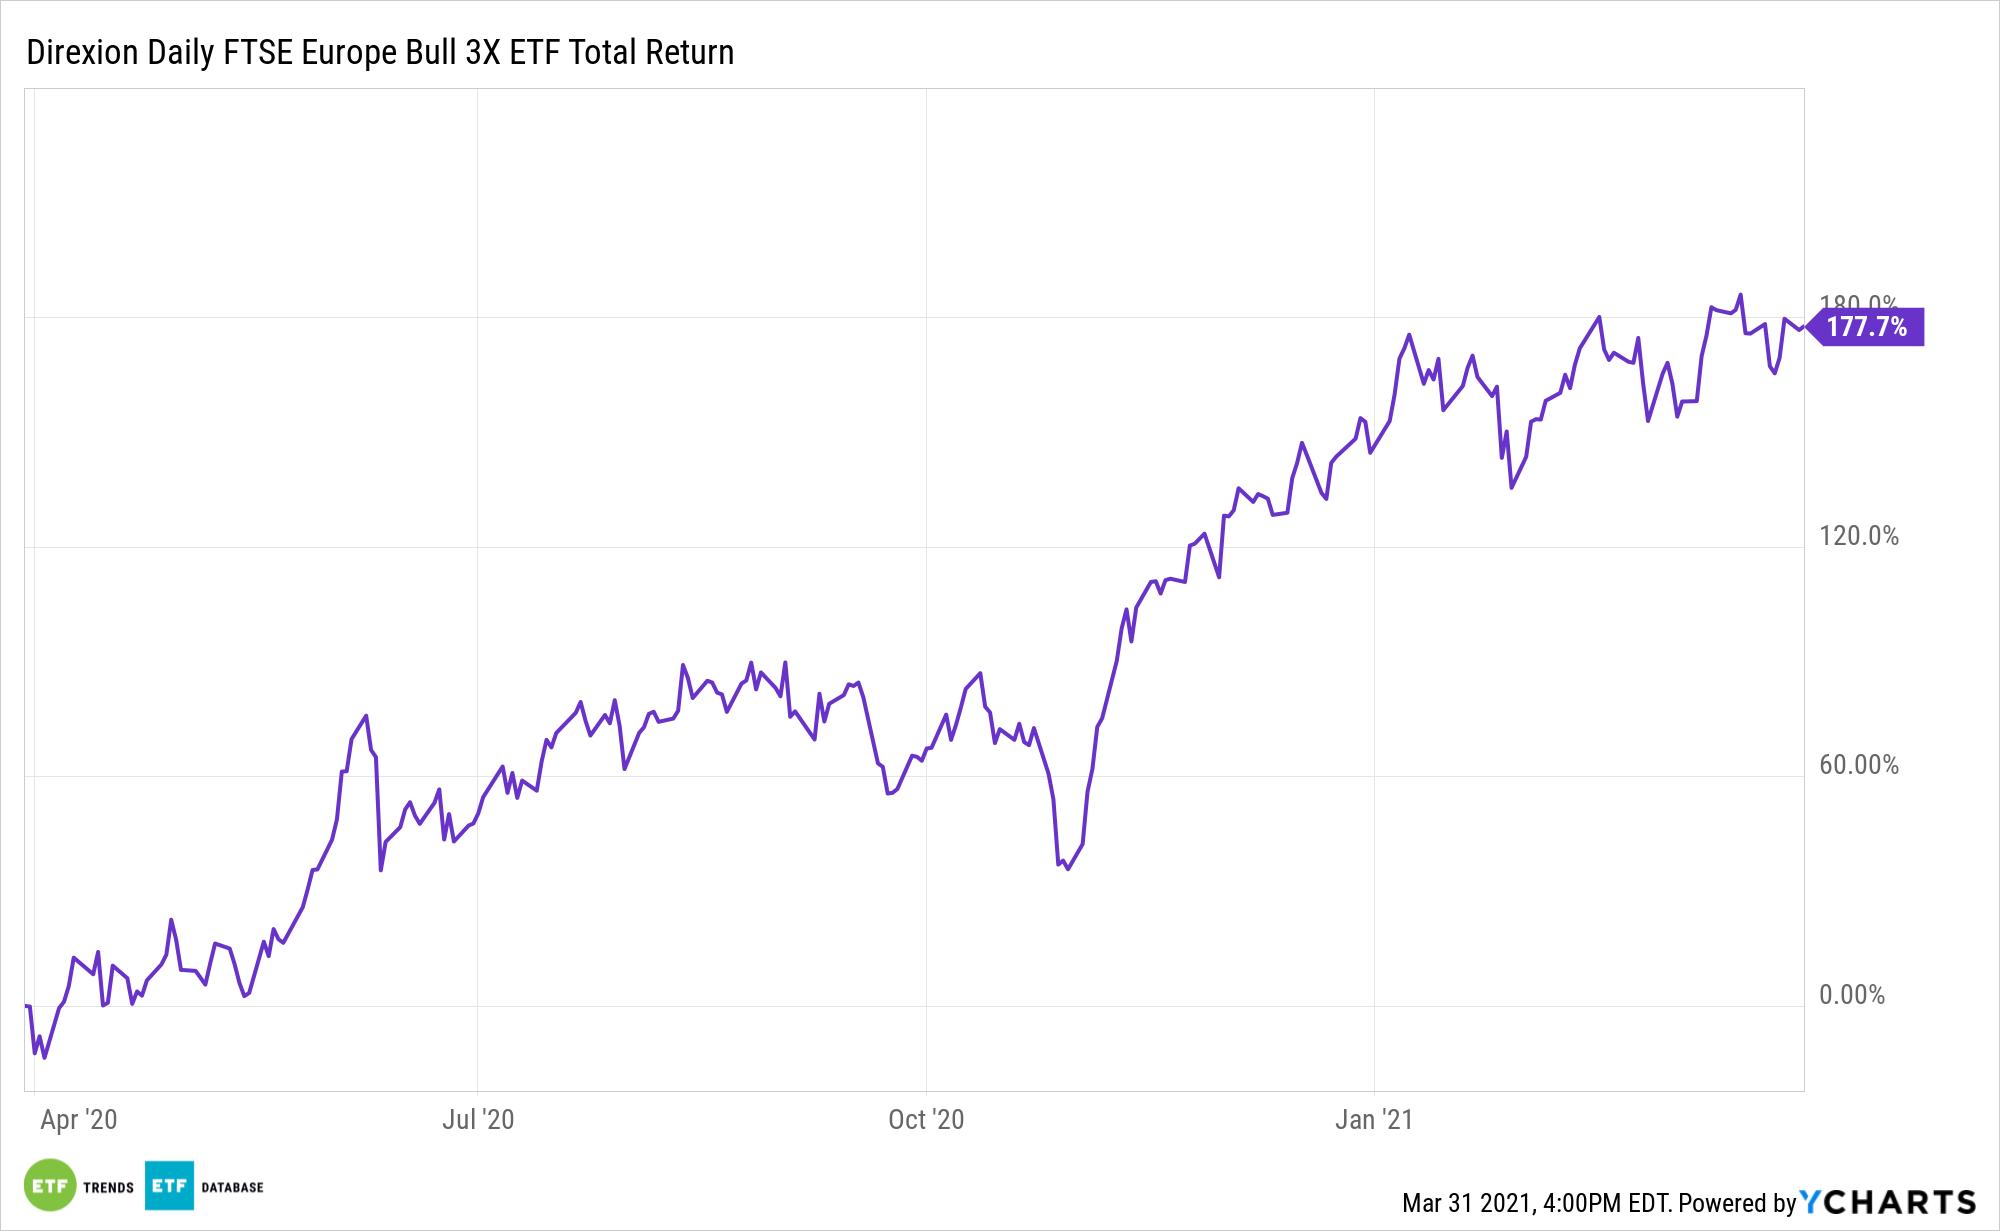 EURL 1 Year Total Return